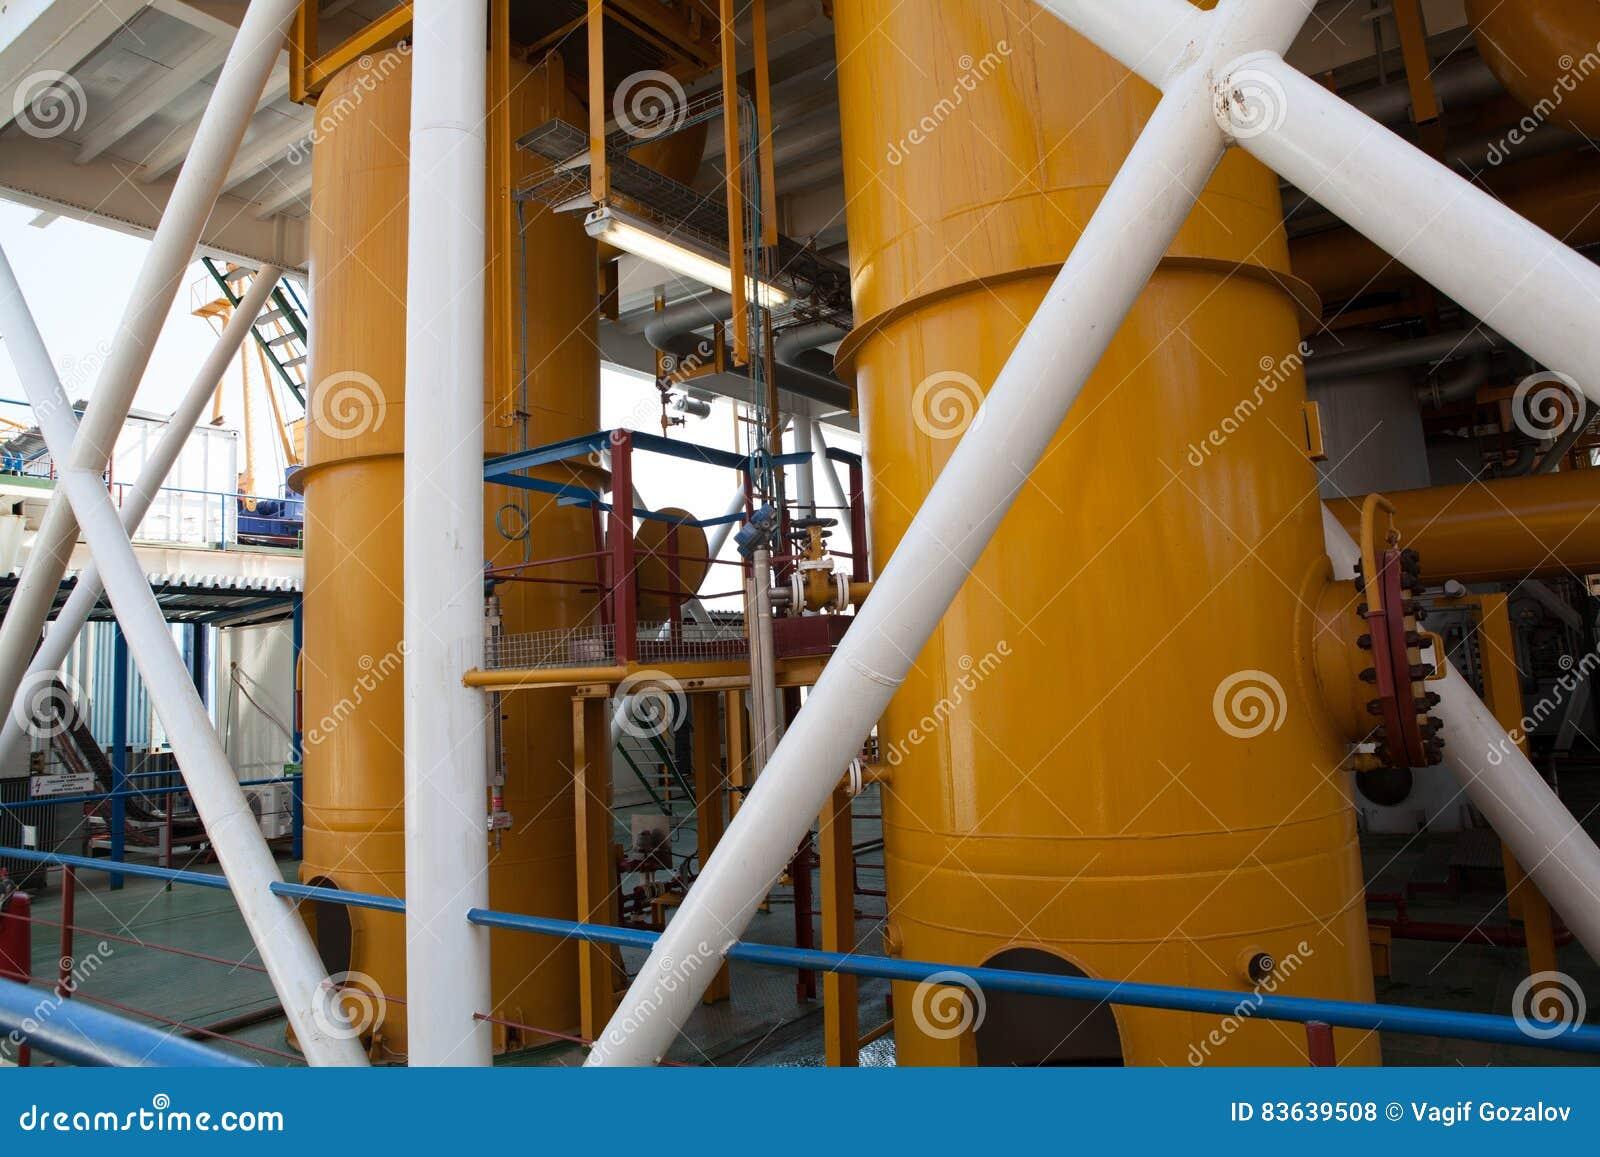 De pijpleiding van het olieplatform en het systeem van de drukoverdracht